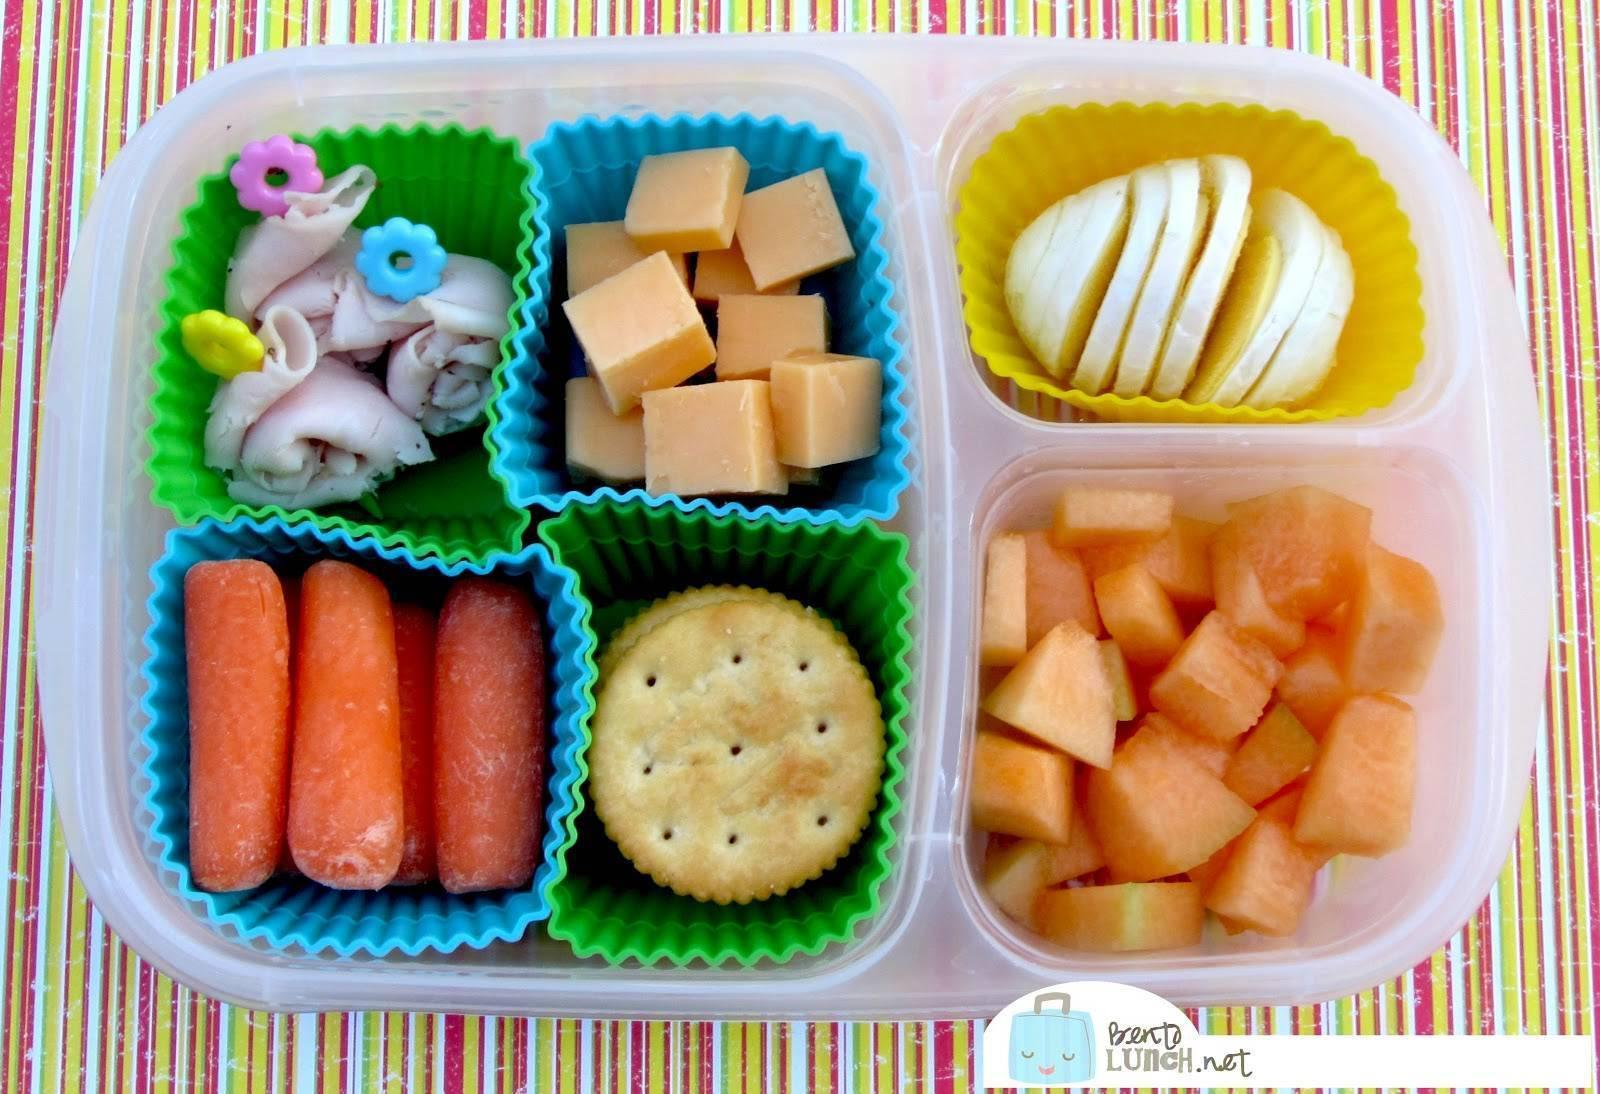 Полезный завтрак для школьника: что можно, а что нельзя?